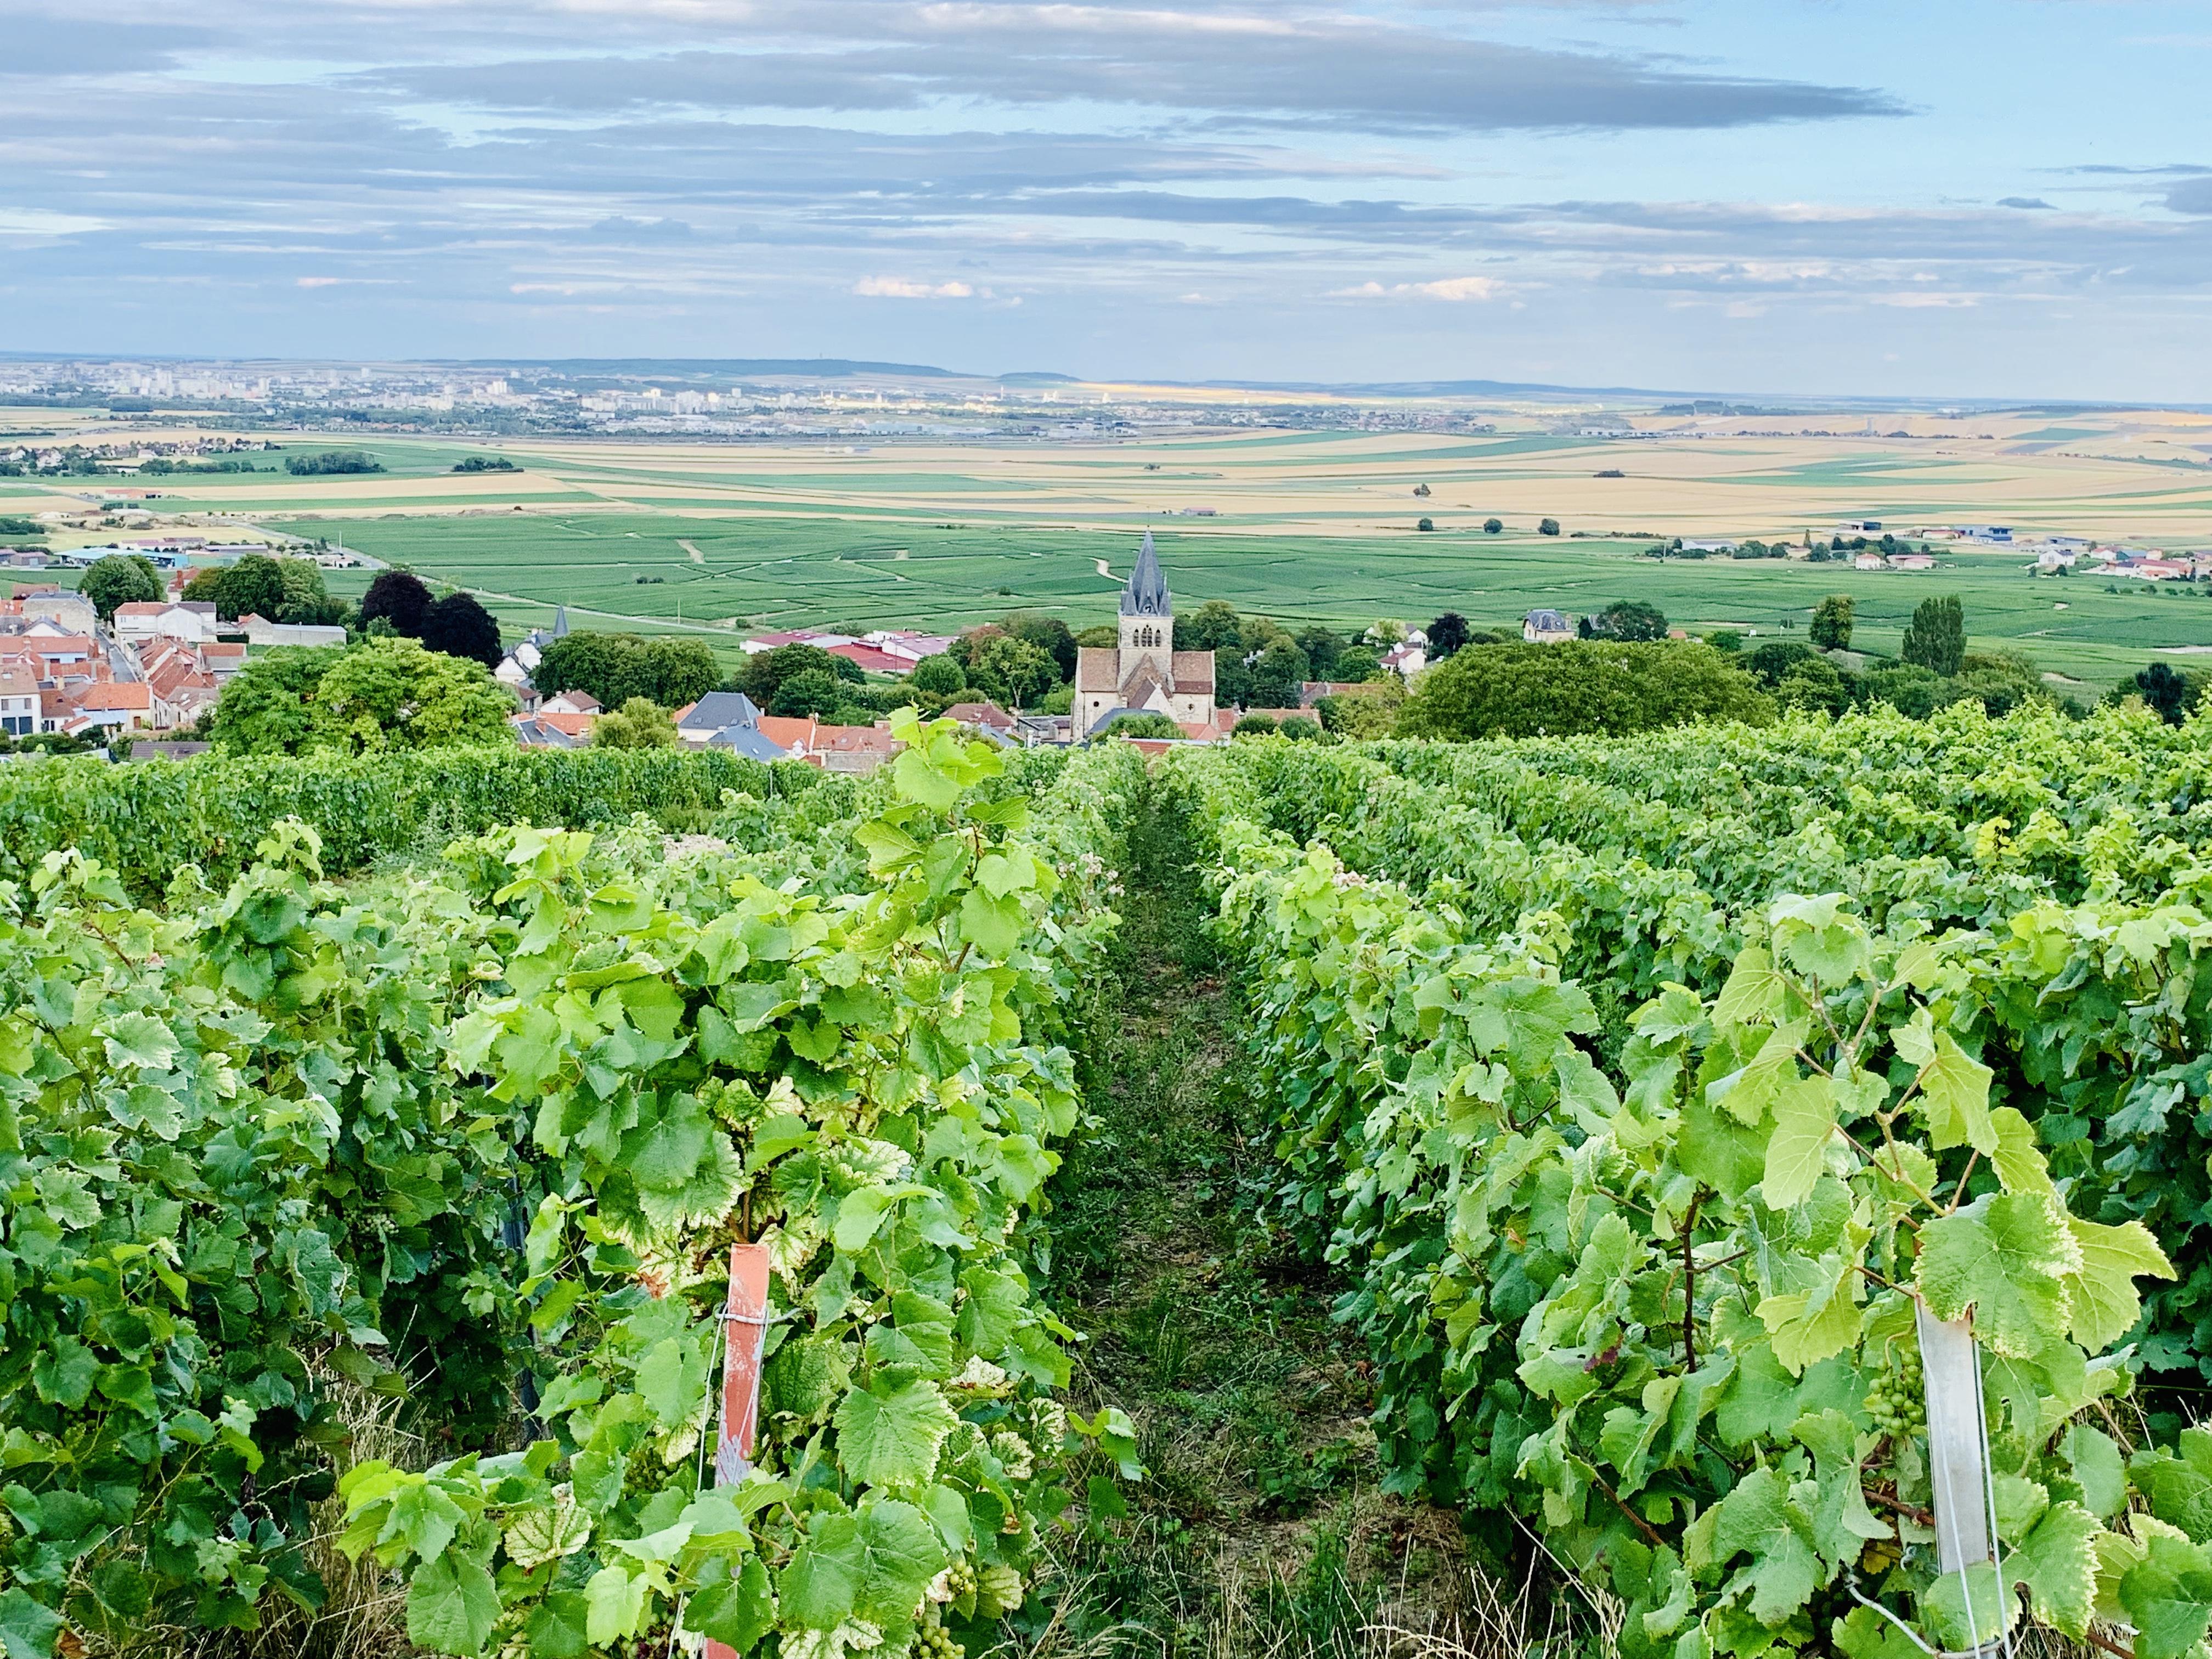 Europa Roadtrip 2019 - Weinberge, Champagne